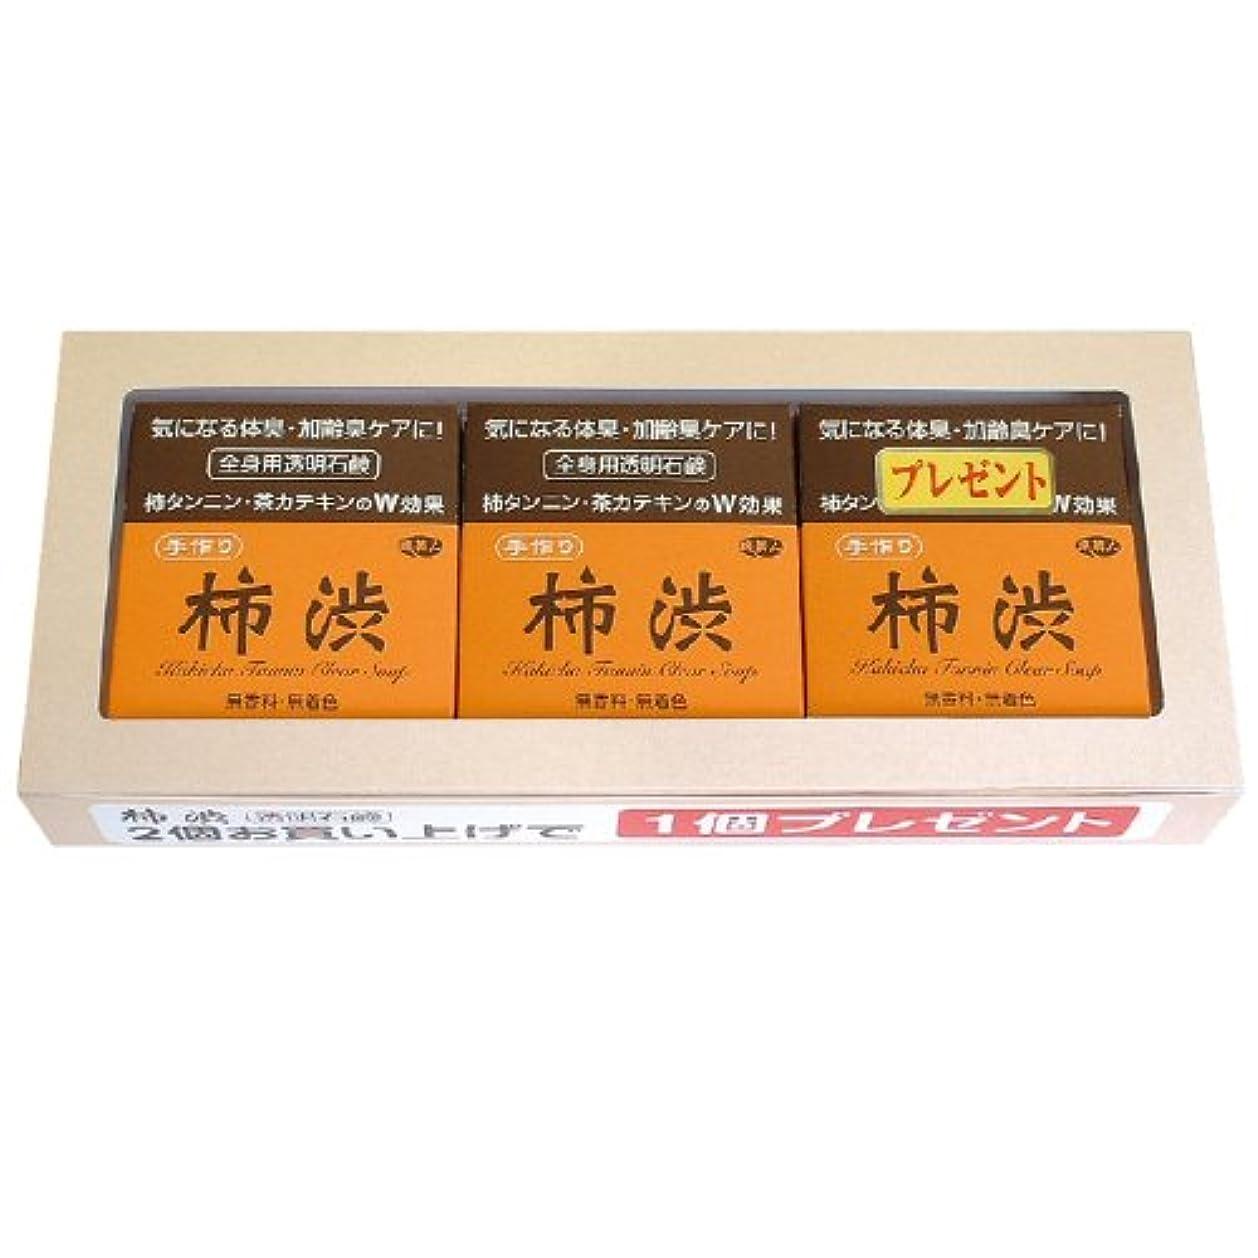 ラインナップ成り立つノーブルアズマ商事の 柿渋透明石鹸 2個の値段で3個入りセット